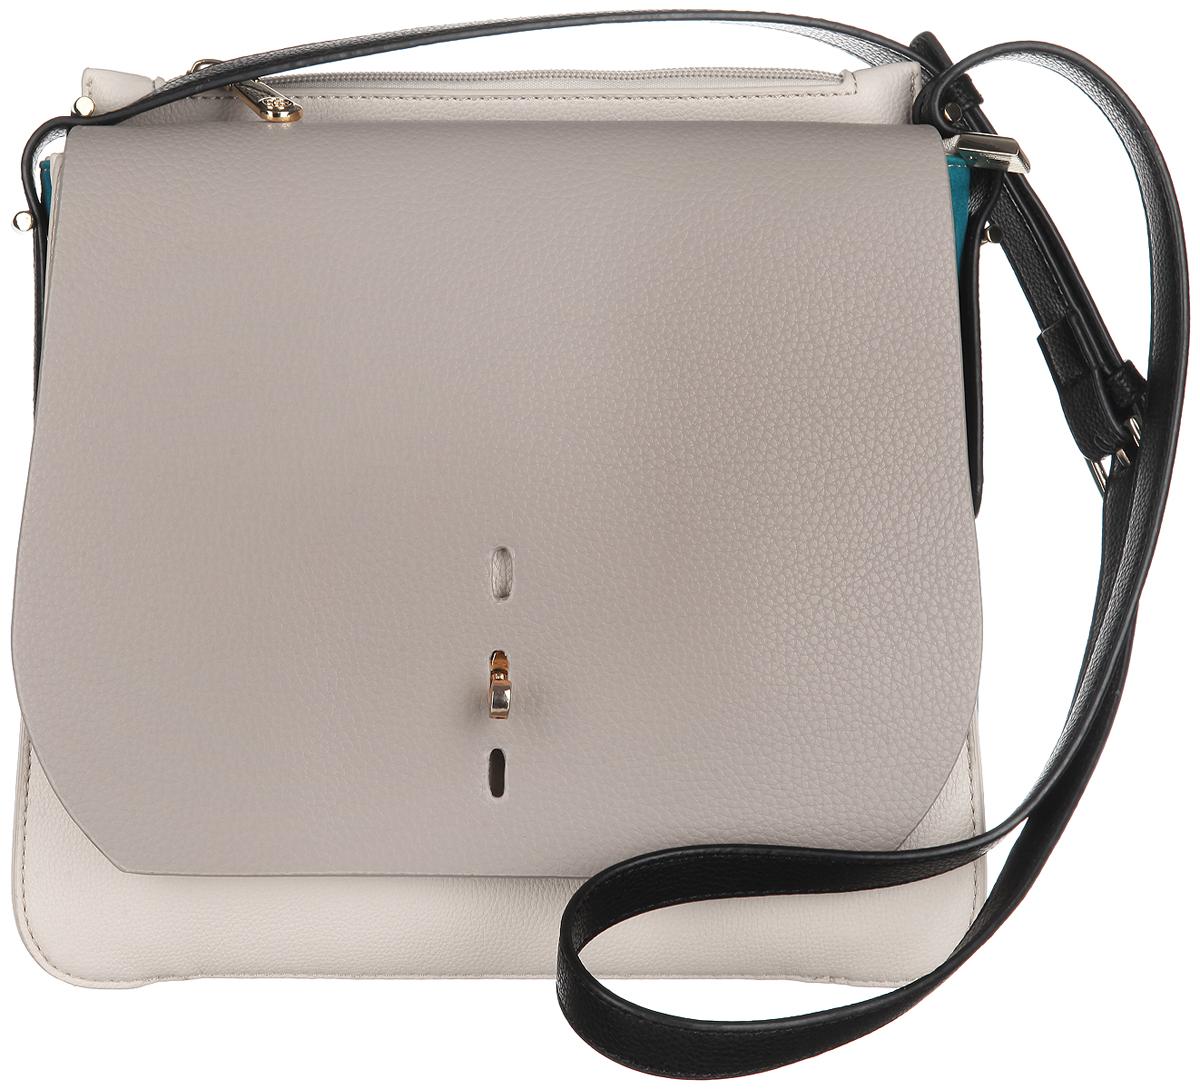 Сумка женская Calipso, цвет: серый, молочный. 432-151286-231859425-002Изысканная женская сумка Calipso выполнена из искусственной кожи с замшевыми вставками по бокам. Сумка закрывается на замок-молнию и дополнительно клапаном на замок-вертушку в трех уровнях. Внутри одно отделение. Вместительное внутреннее отделение содержит два накладных кармана для телефона и мелких принадлежностей и врезной карман на молнии. Внутри модель также содержит специальный ремешок с крепежом для ключей. Сверху расположен глубокий врезной карман на молнии. Между ним и основным отделением расположен глубокий внутренний карман для бумаг и других мелочей. Сумка оснащена оригинальным, съемным плечевым ремнем регулируемой длины, который позволит носить изделие как в руках так и на плече. Модель выполнена в оригинальном дизайне, декорирована металлической фурнитурой золотистого цвета.Практичная и стильная сумка прекрасно завершит ваш образ.